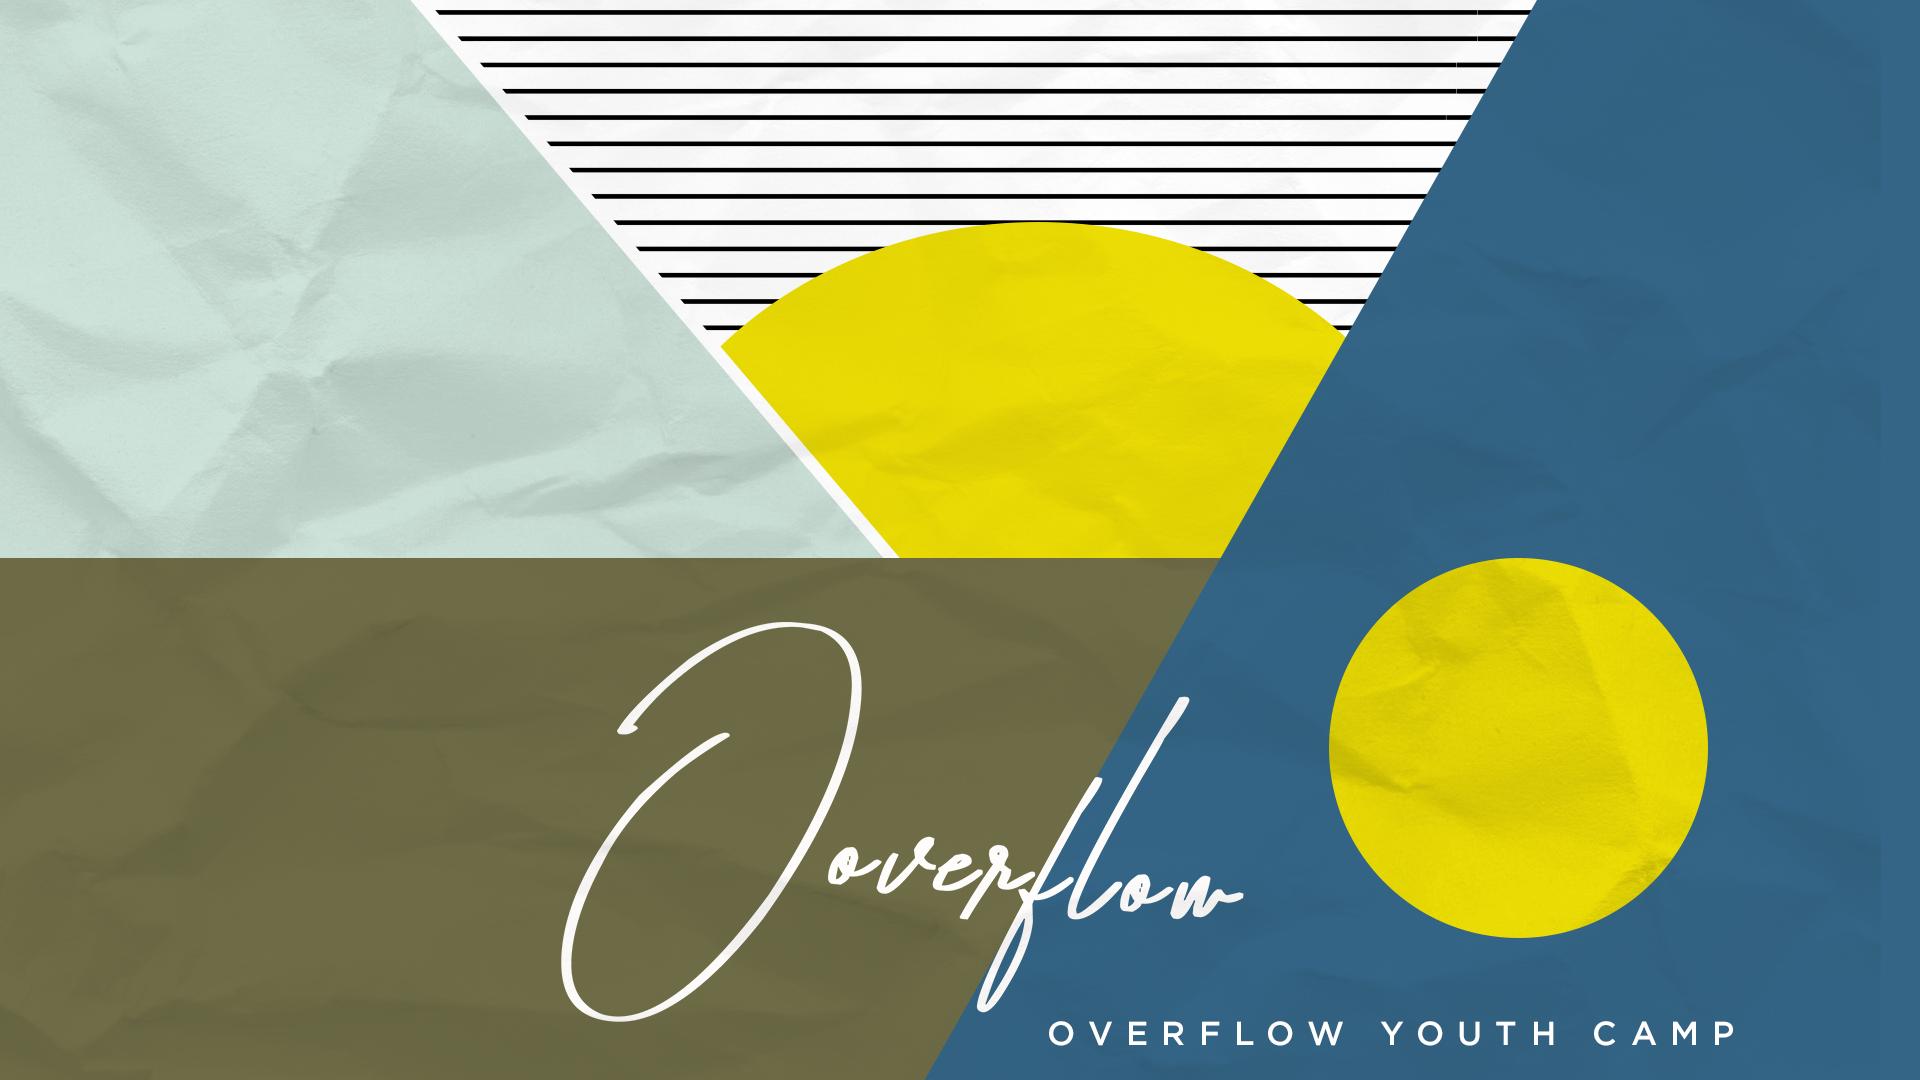 Overlfow2018 1920x1080